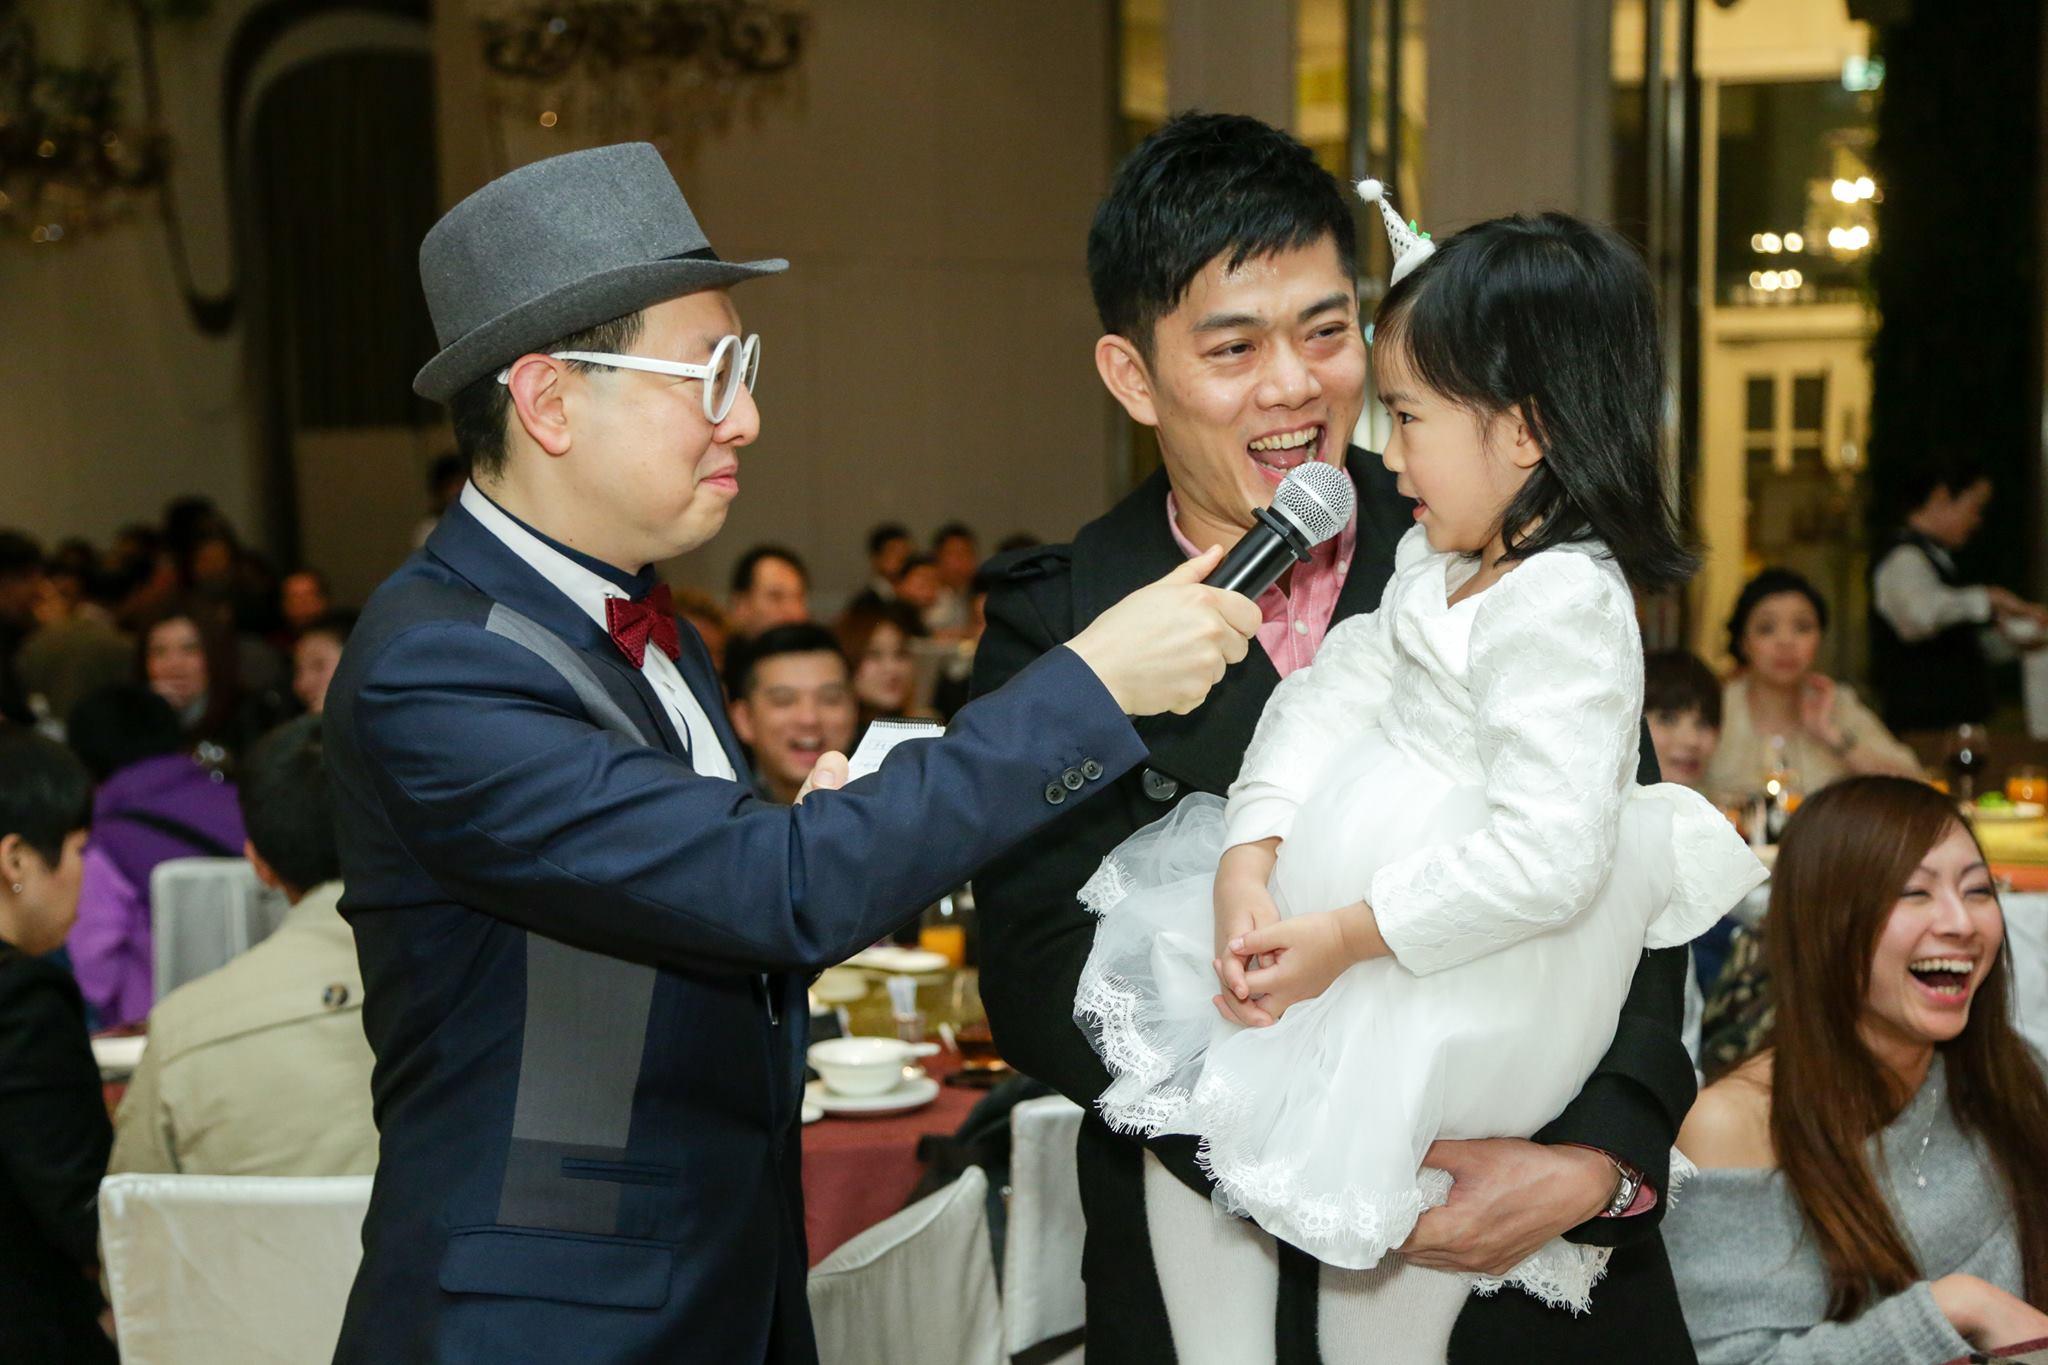 司儀主持人香港搞笑婚宴司儀:十仔工作相片